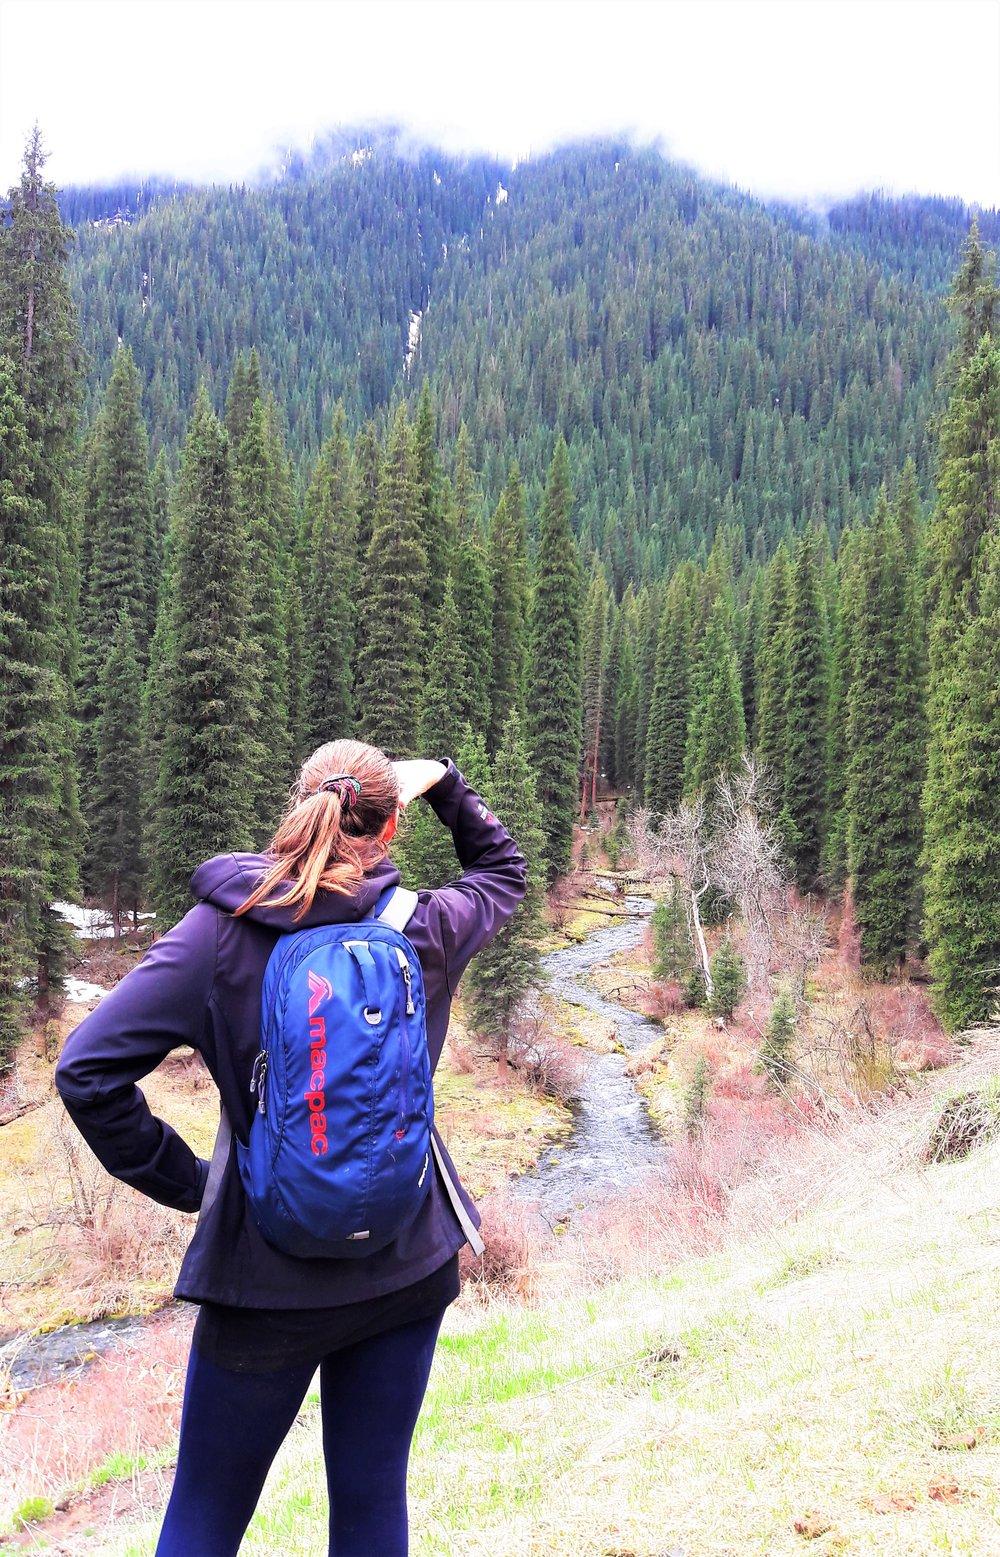 Kazakhstan-Kolsai-Lakes-Hike.jpg